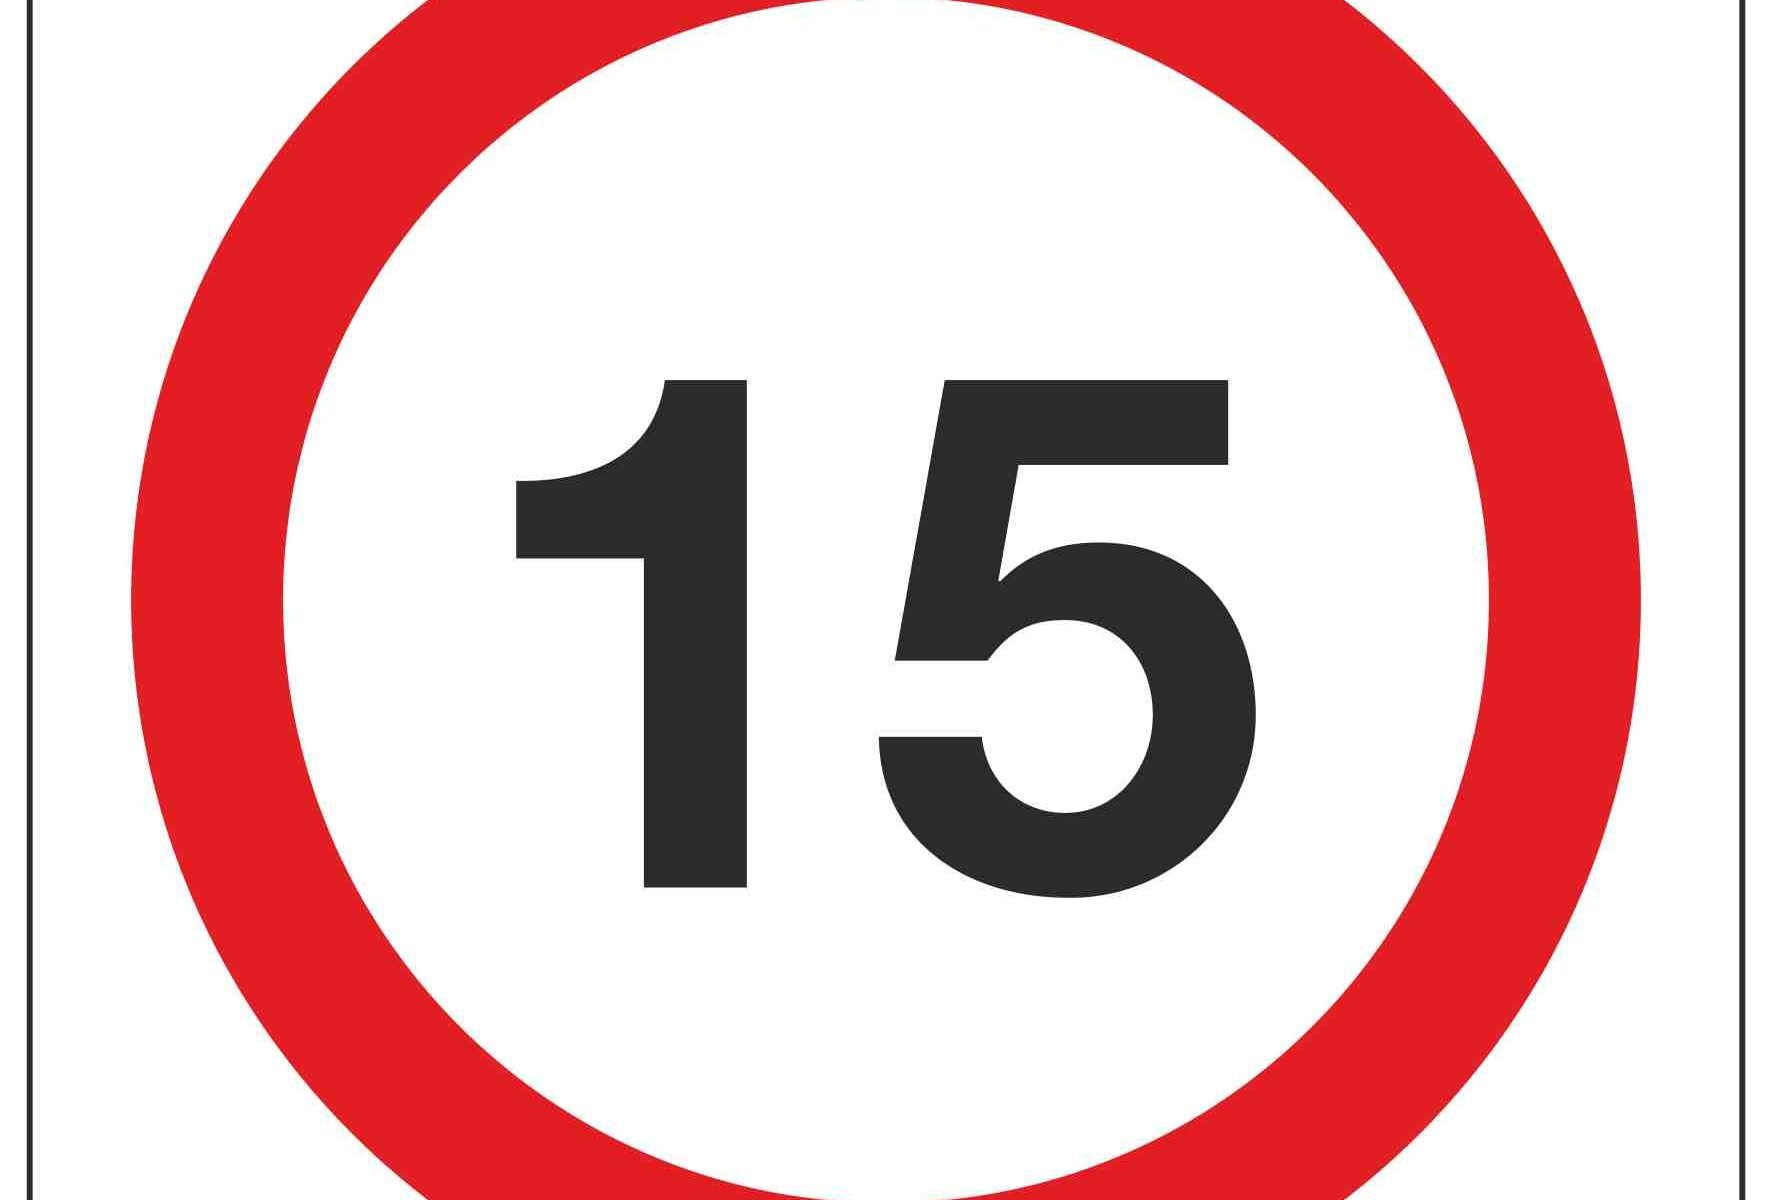 15 MPH